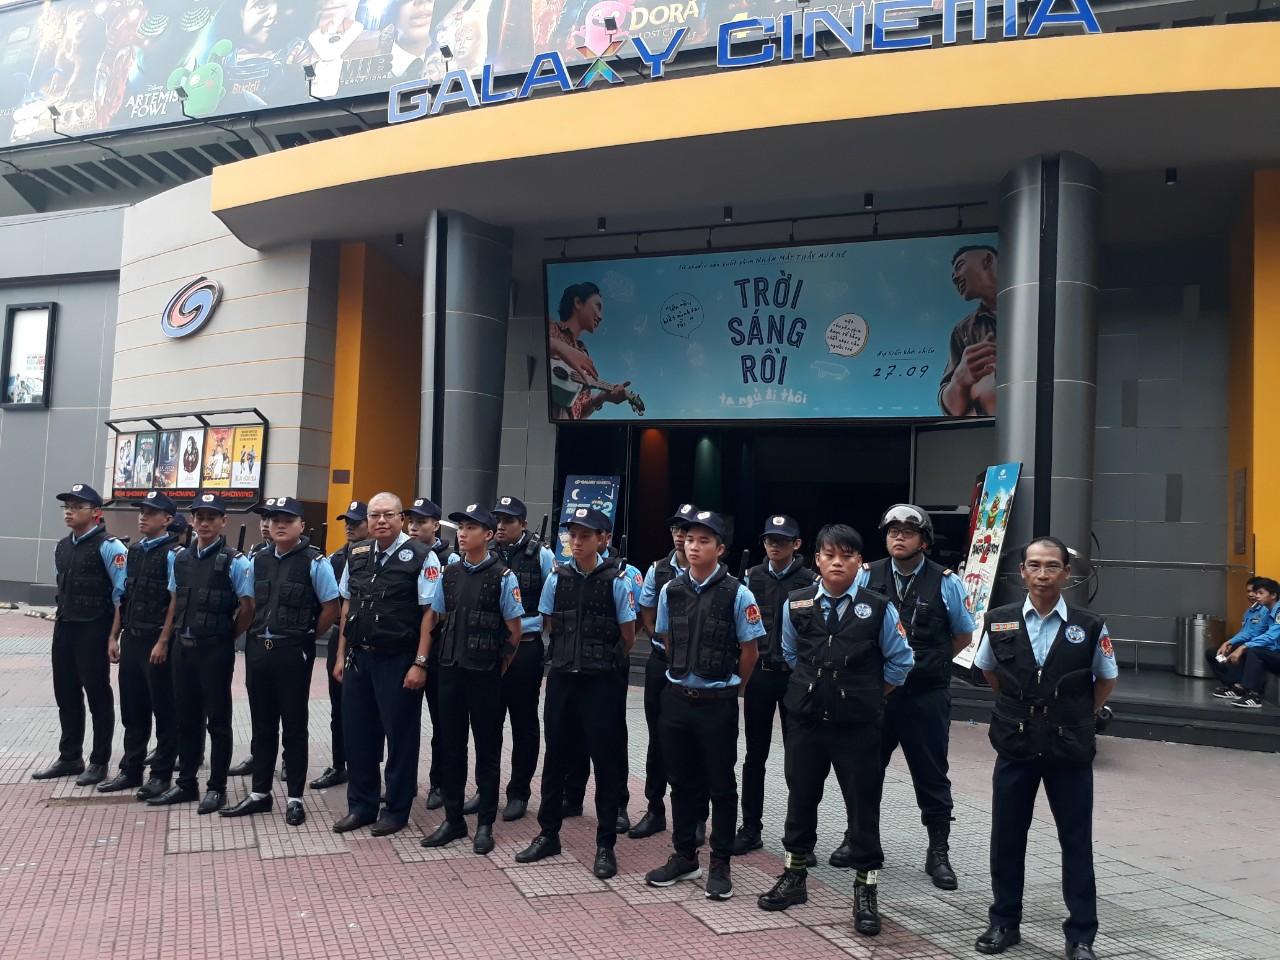 Bảo vệ chuyên nghiệp Đà Nẵng 24h